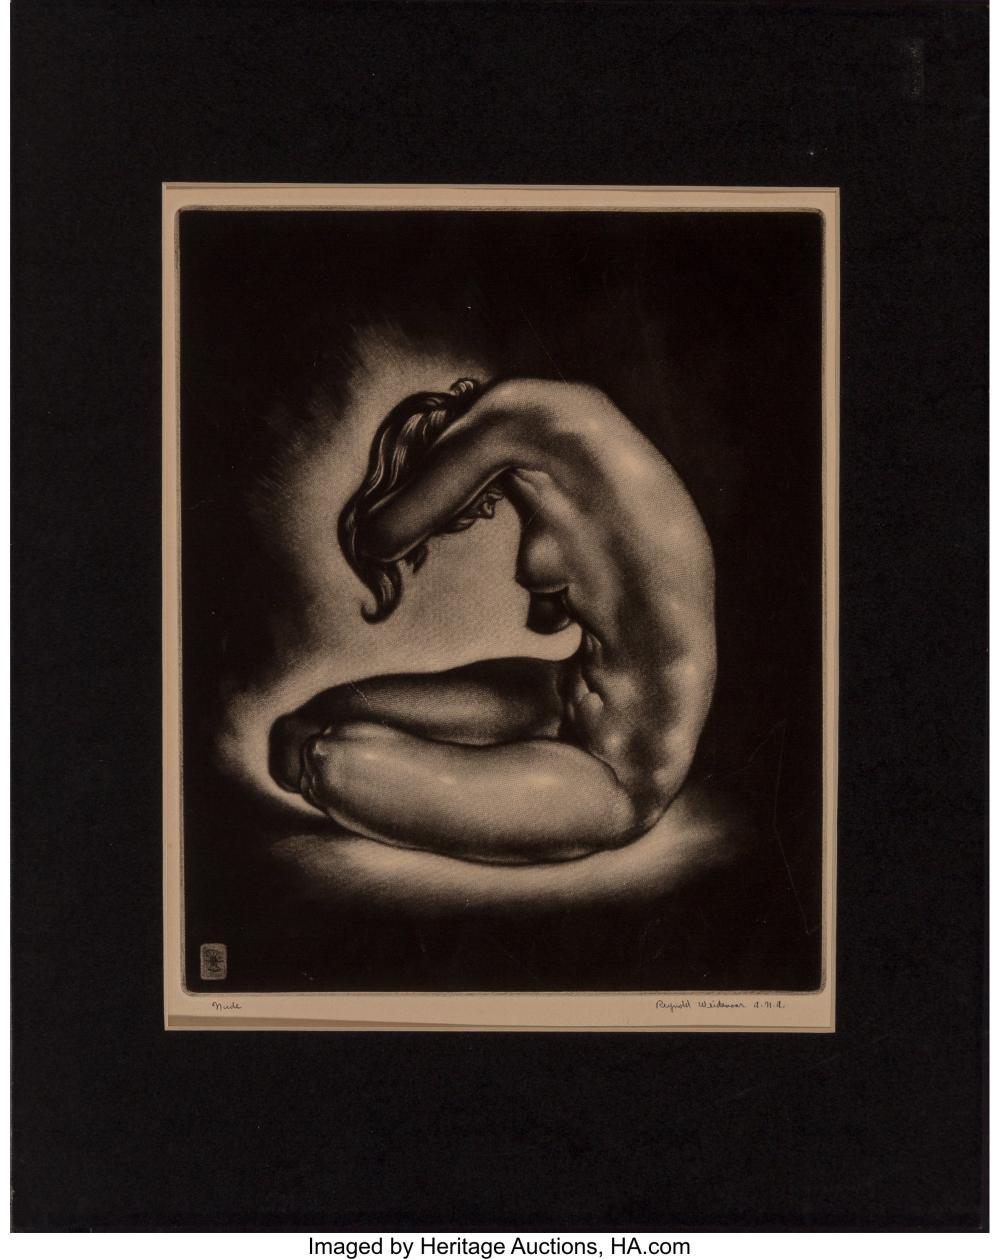 Lot 21076: Reynold Henry Weidenaar (American, 1915-1985) Reverie, c. 1940 Mezzotint on wove